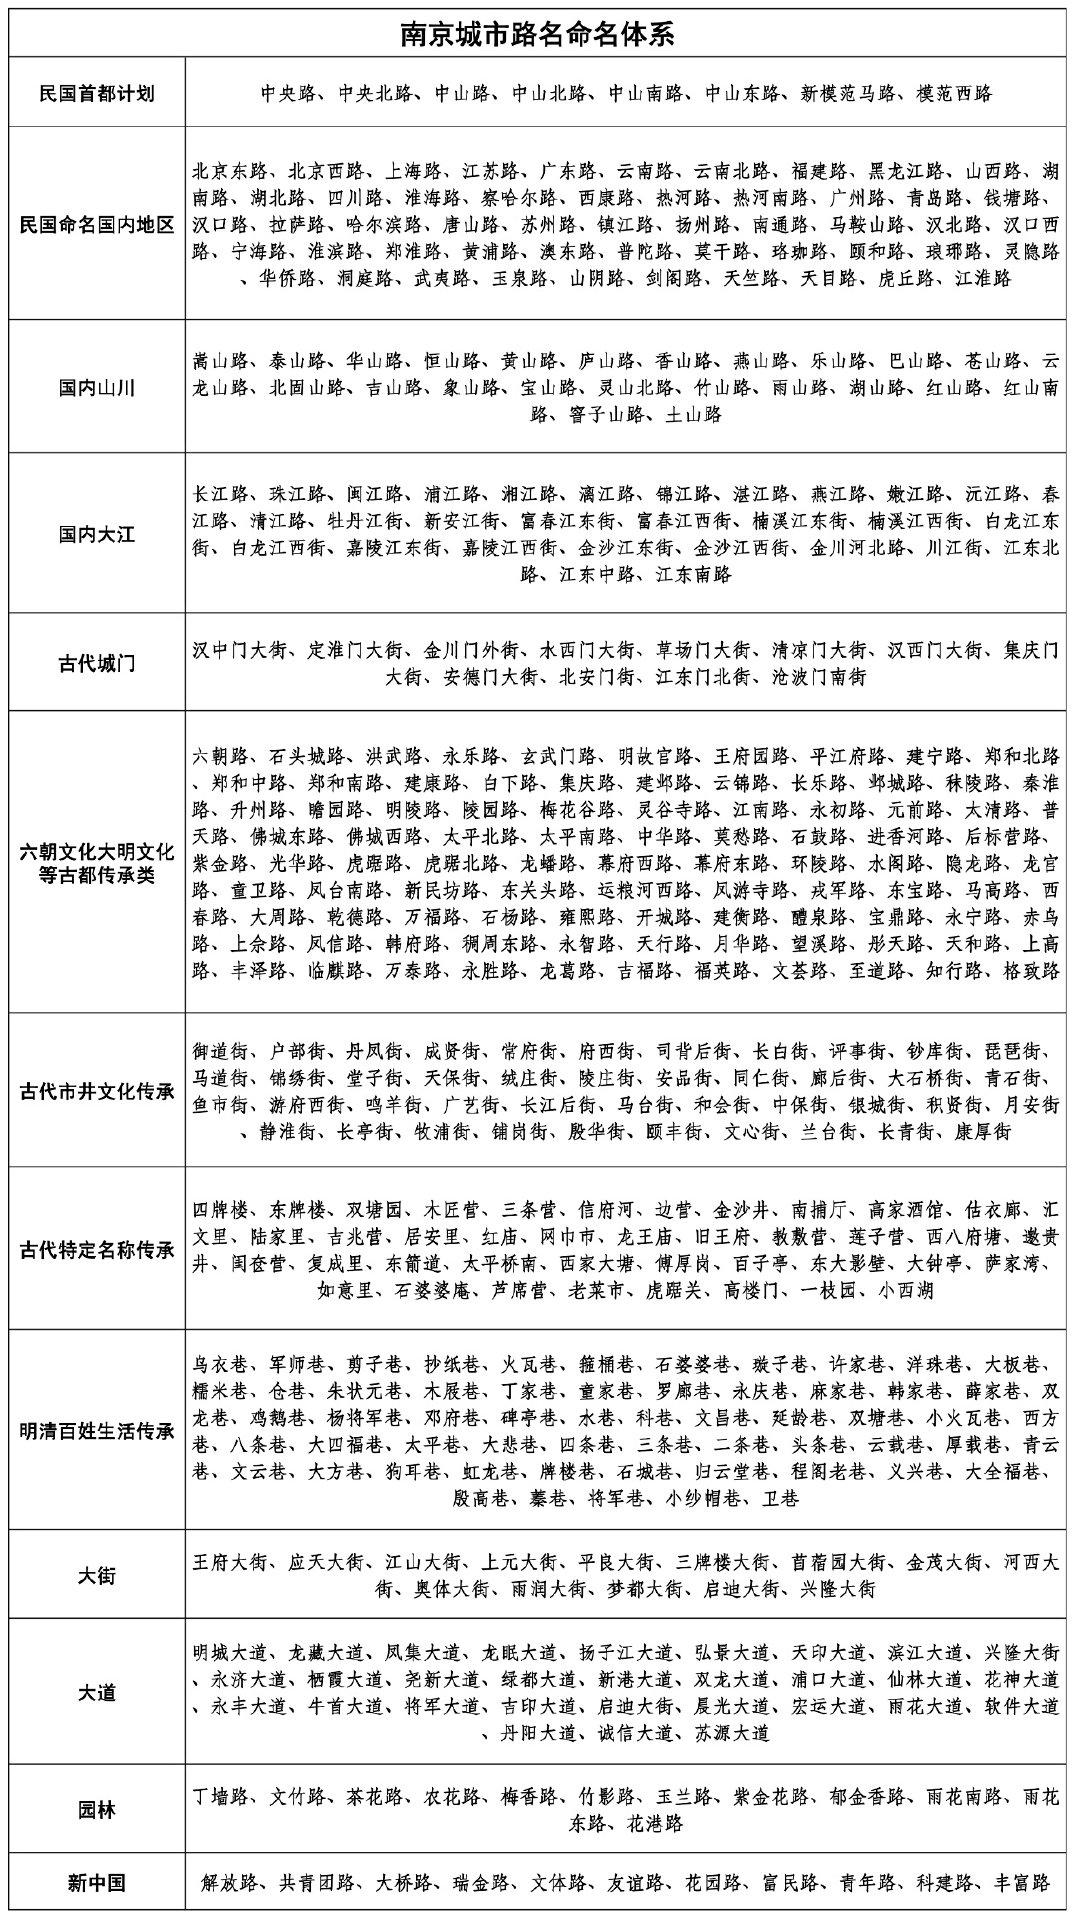 《北京东路的日子》十年之后再聚首,演唱十年荣耀版